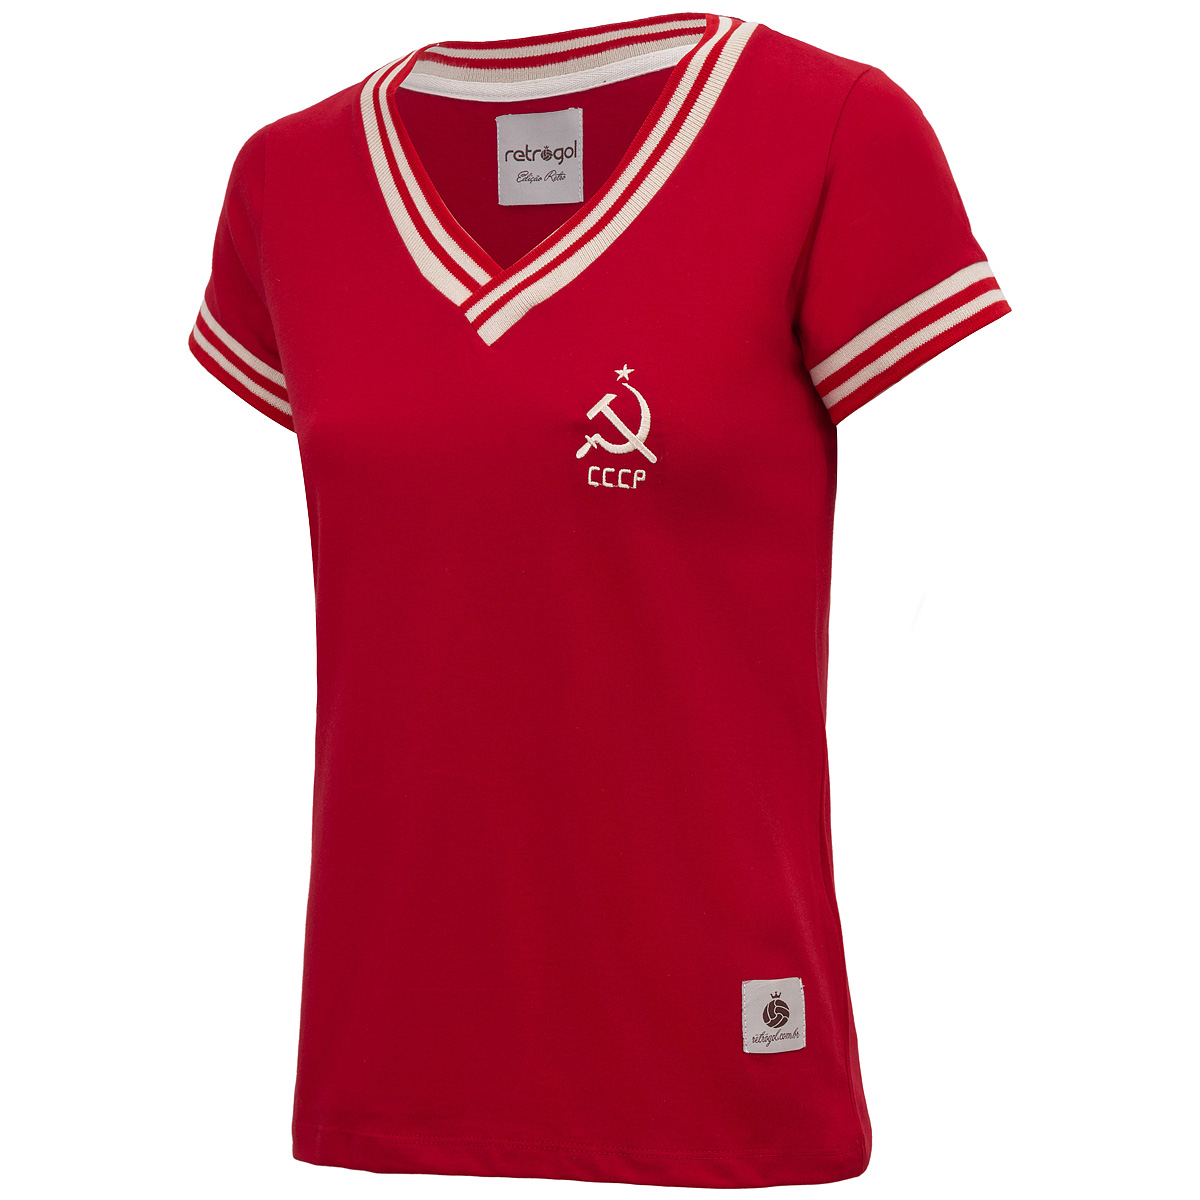 Camisa CCCP Foice Retrô Feminina